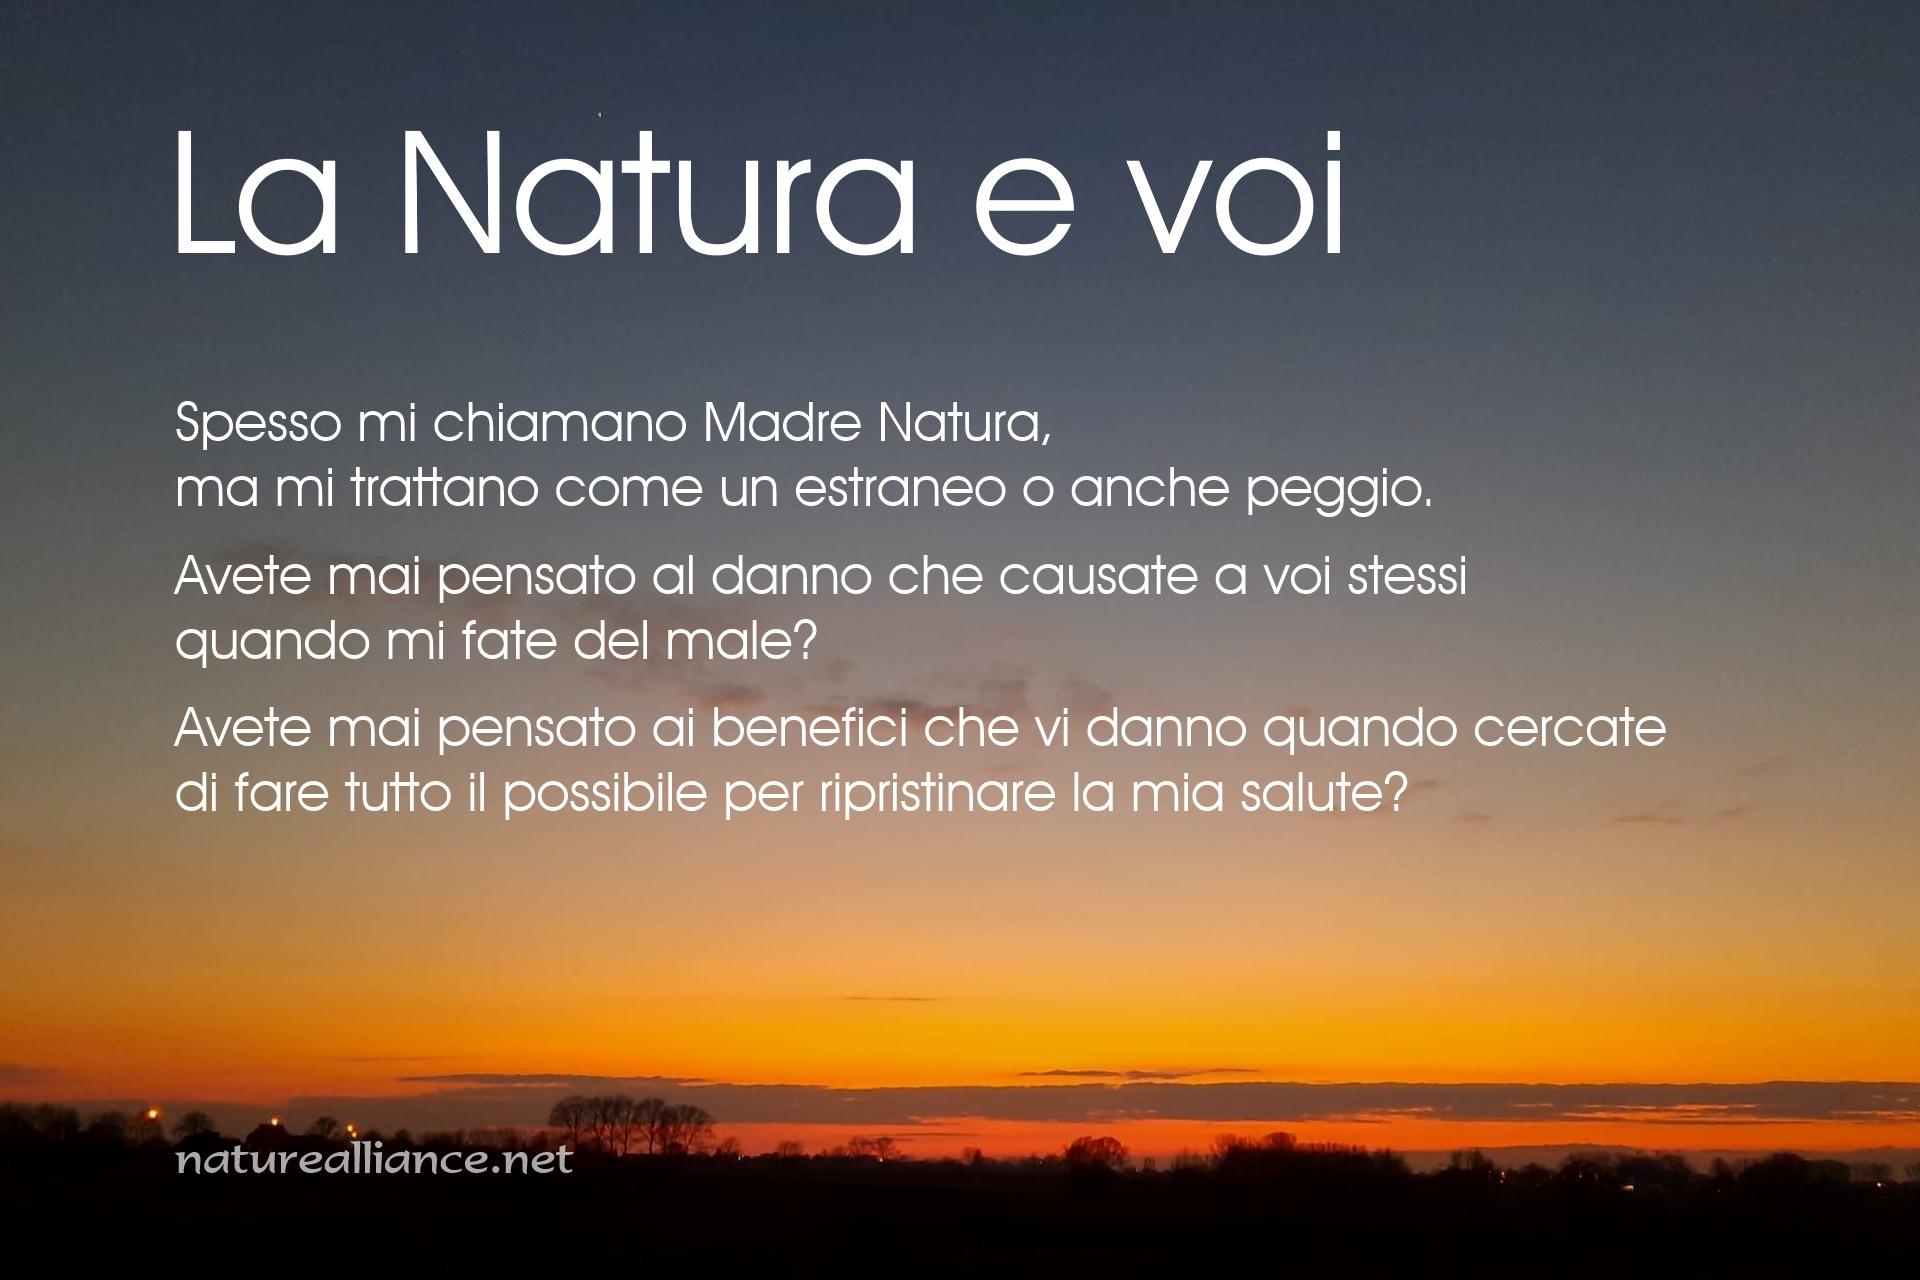 La Natura e voi